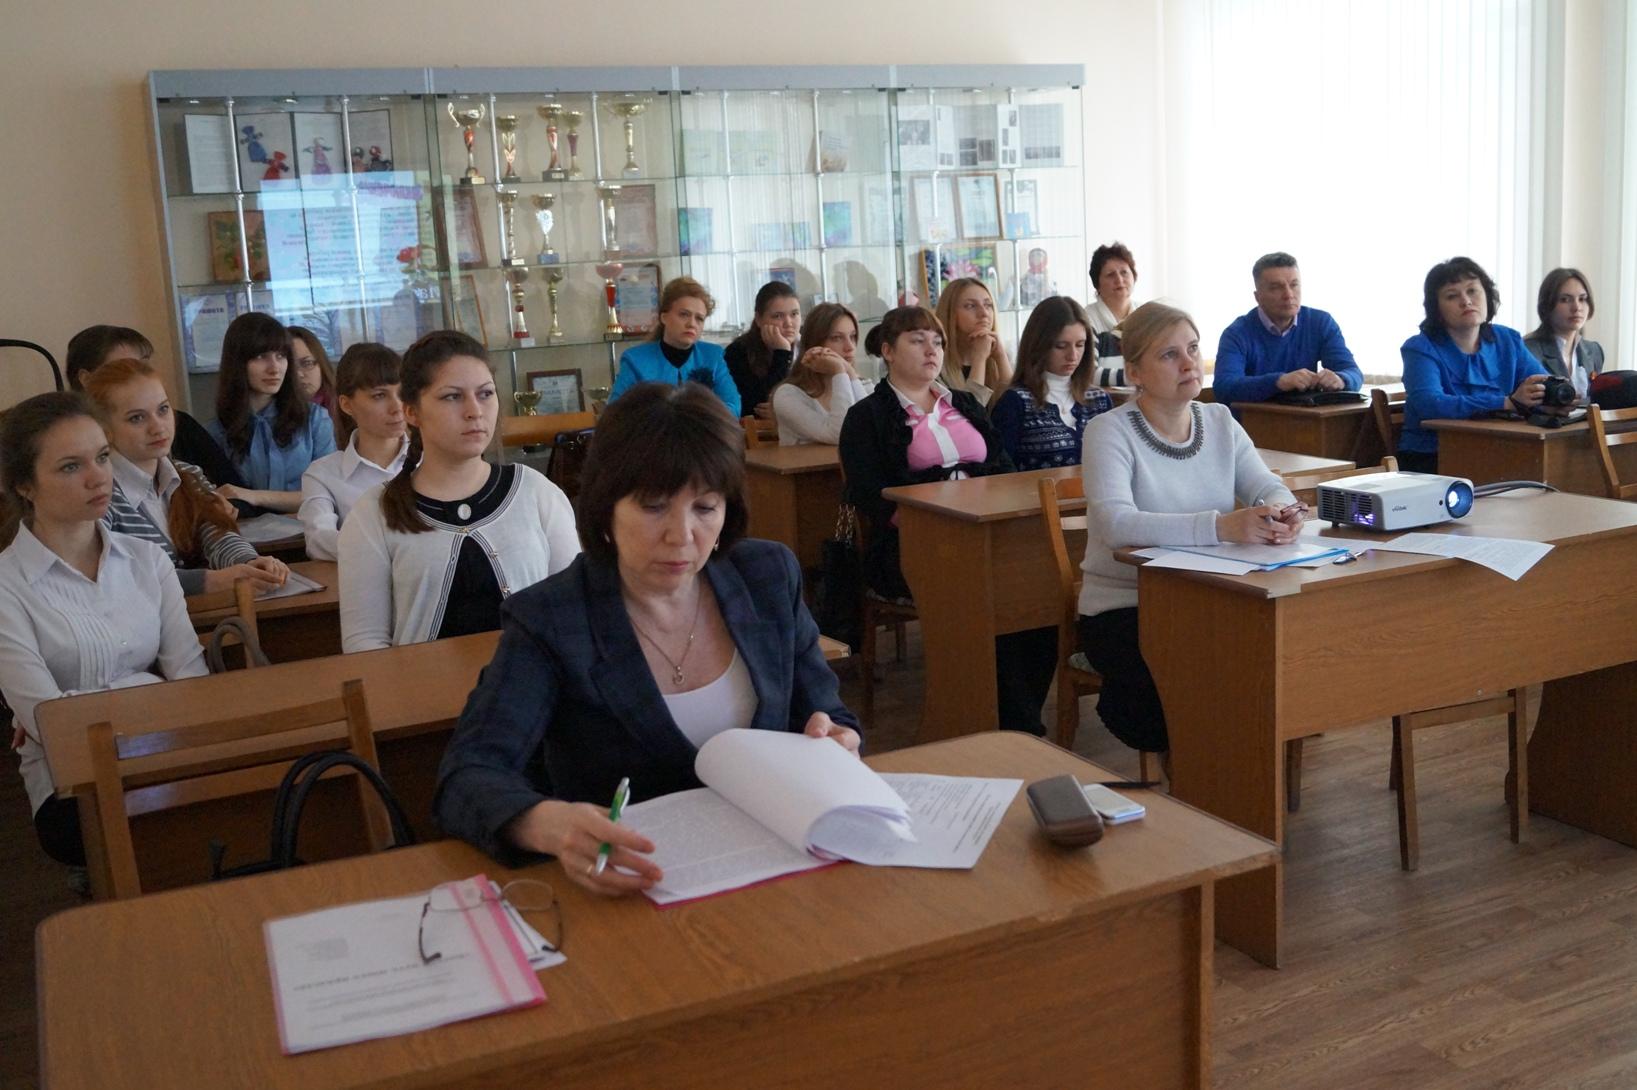 Пример сетевого взаимодействия между преподавателями в интеграции образовательных систем